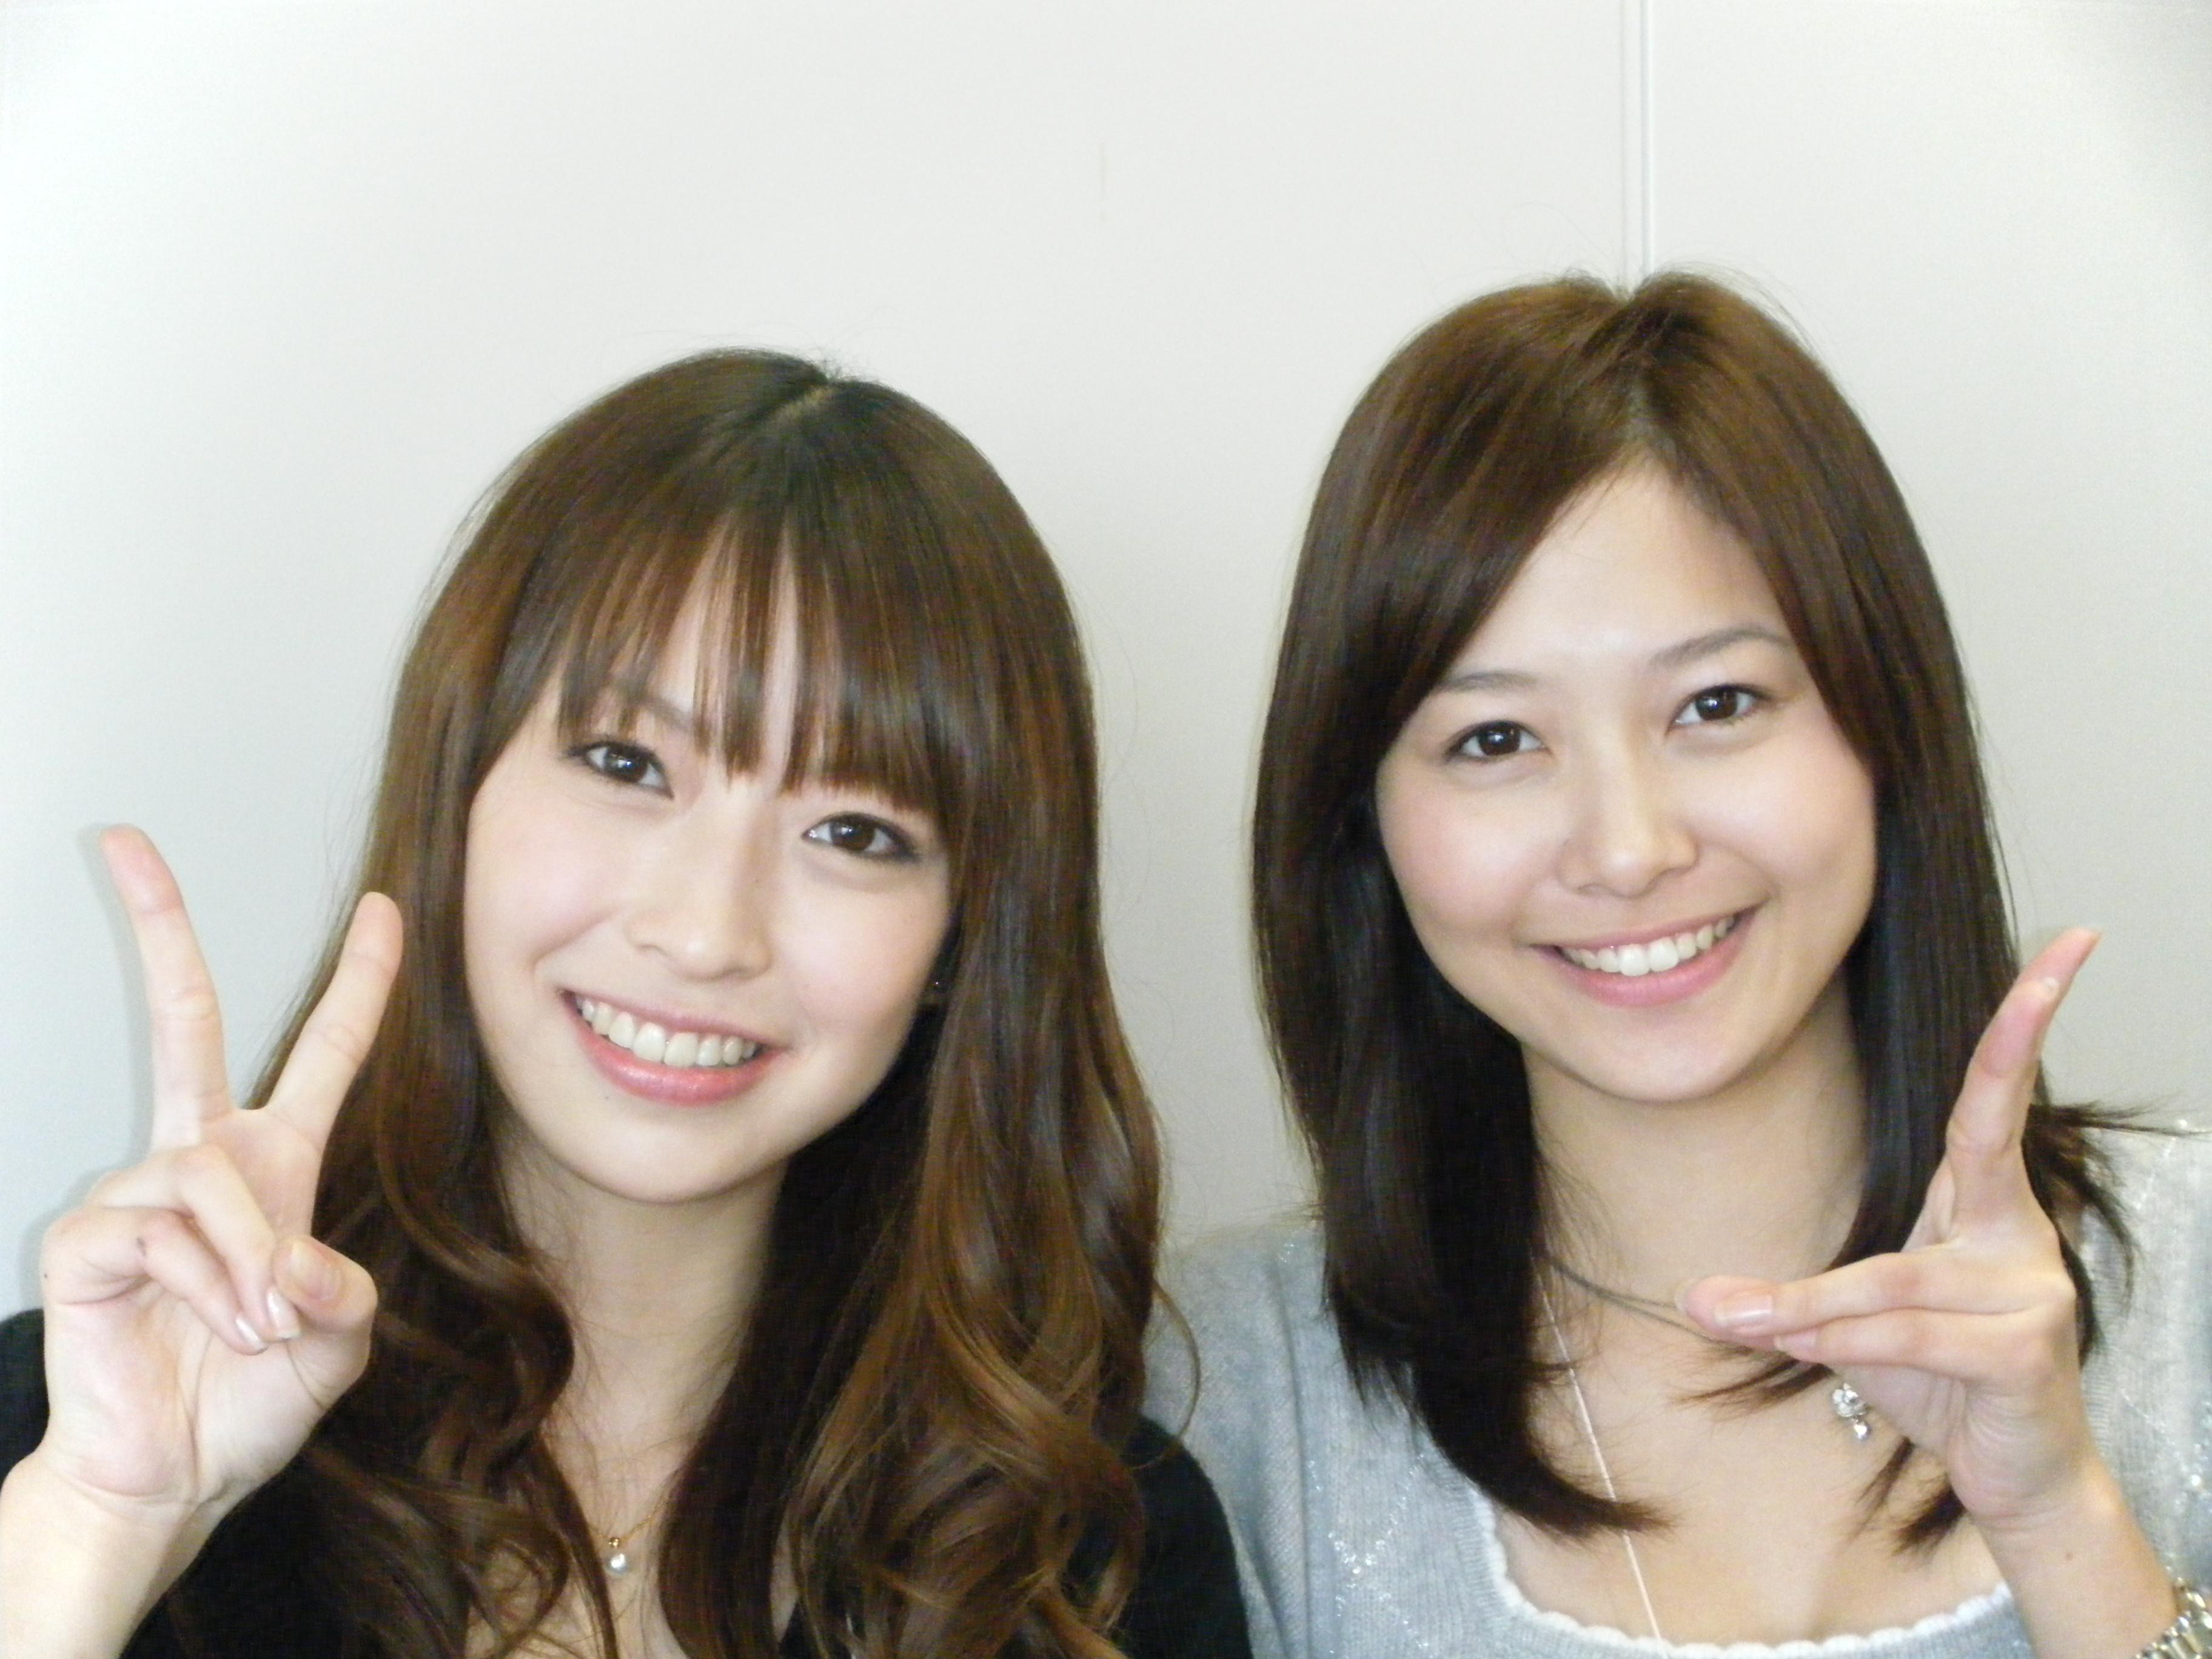 画像 : 【女子アナ】久富慶子の可愛い画像まとめ! 随時更新! - naver